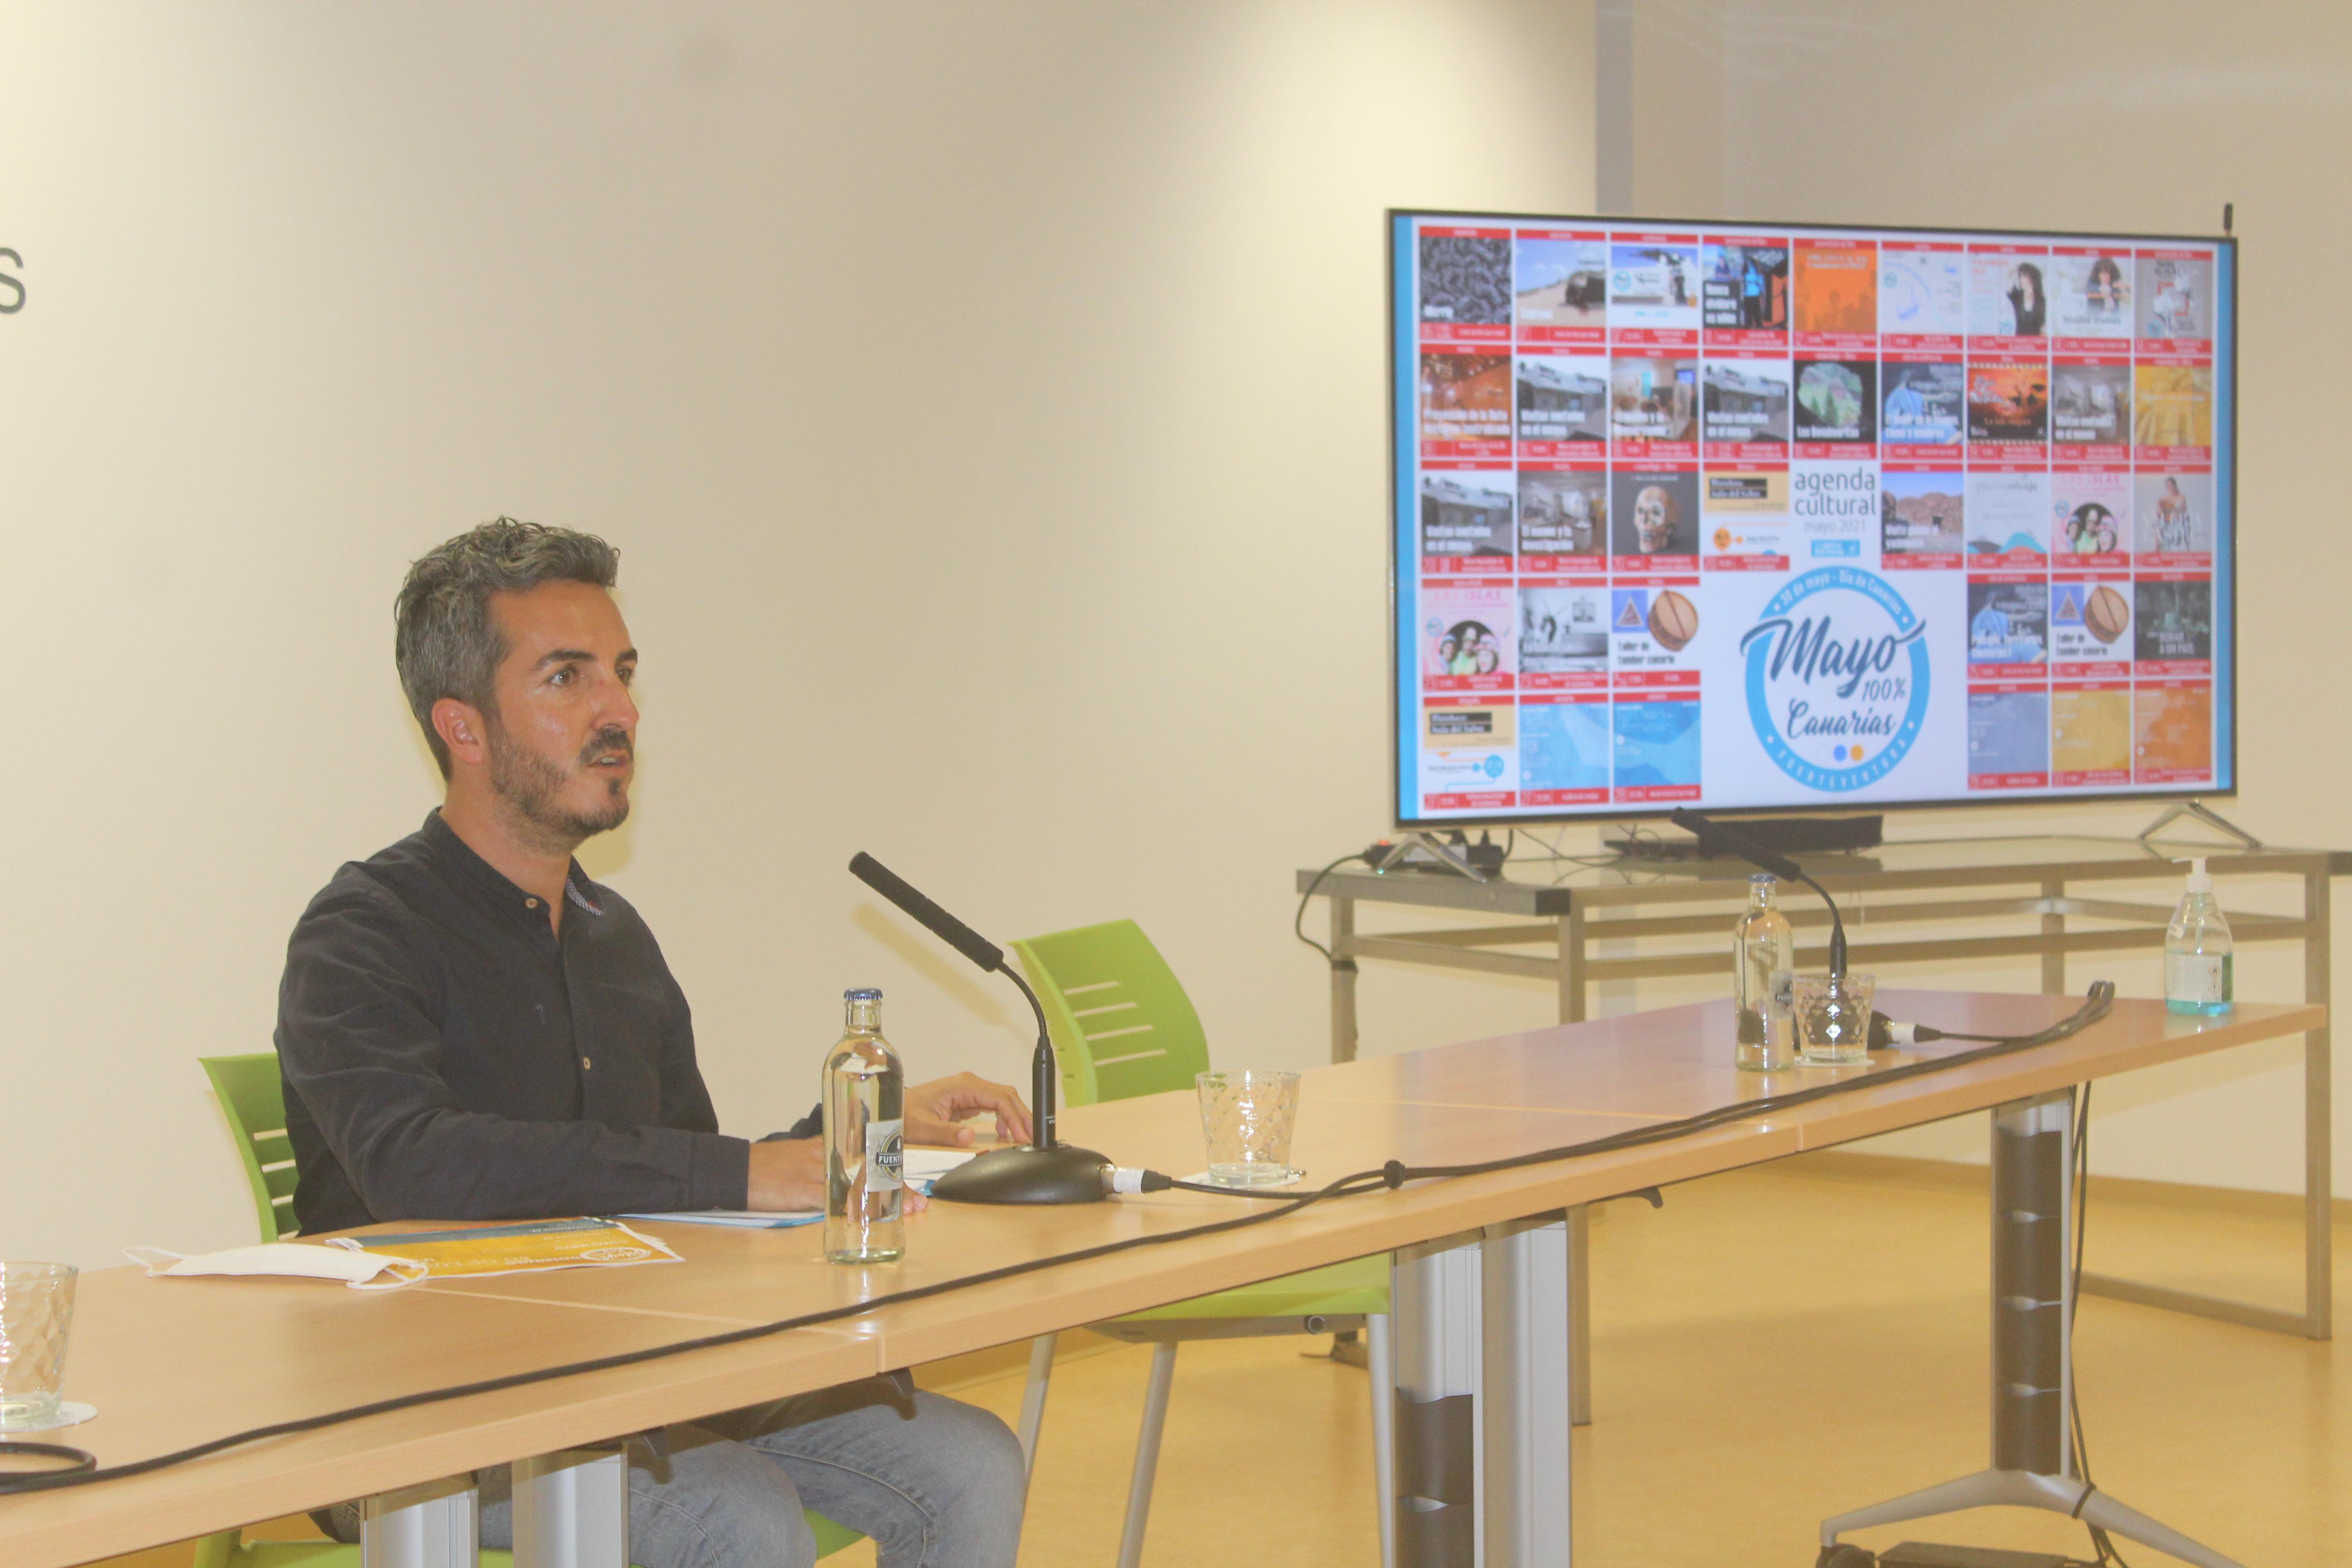 Presentación de la agenda cultural del Cabildo de Fuerteventura / CanariasNoticias.es